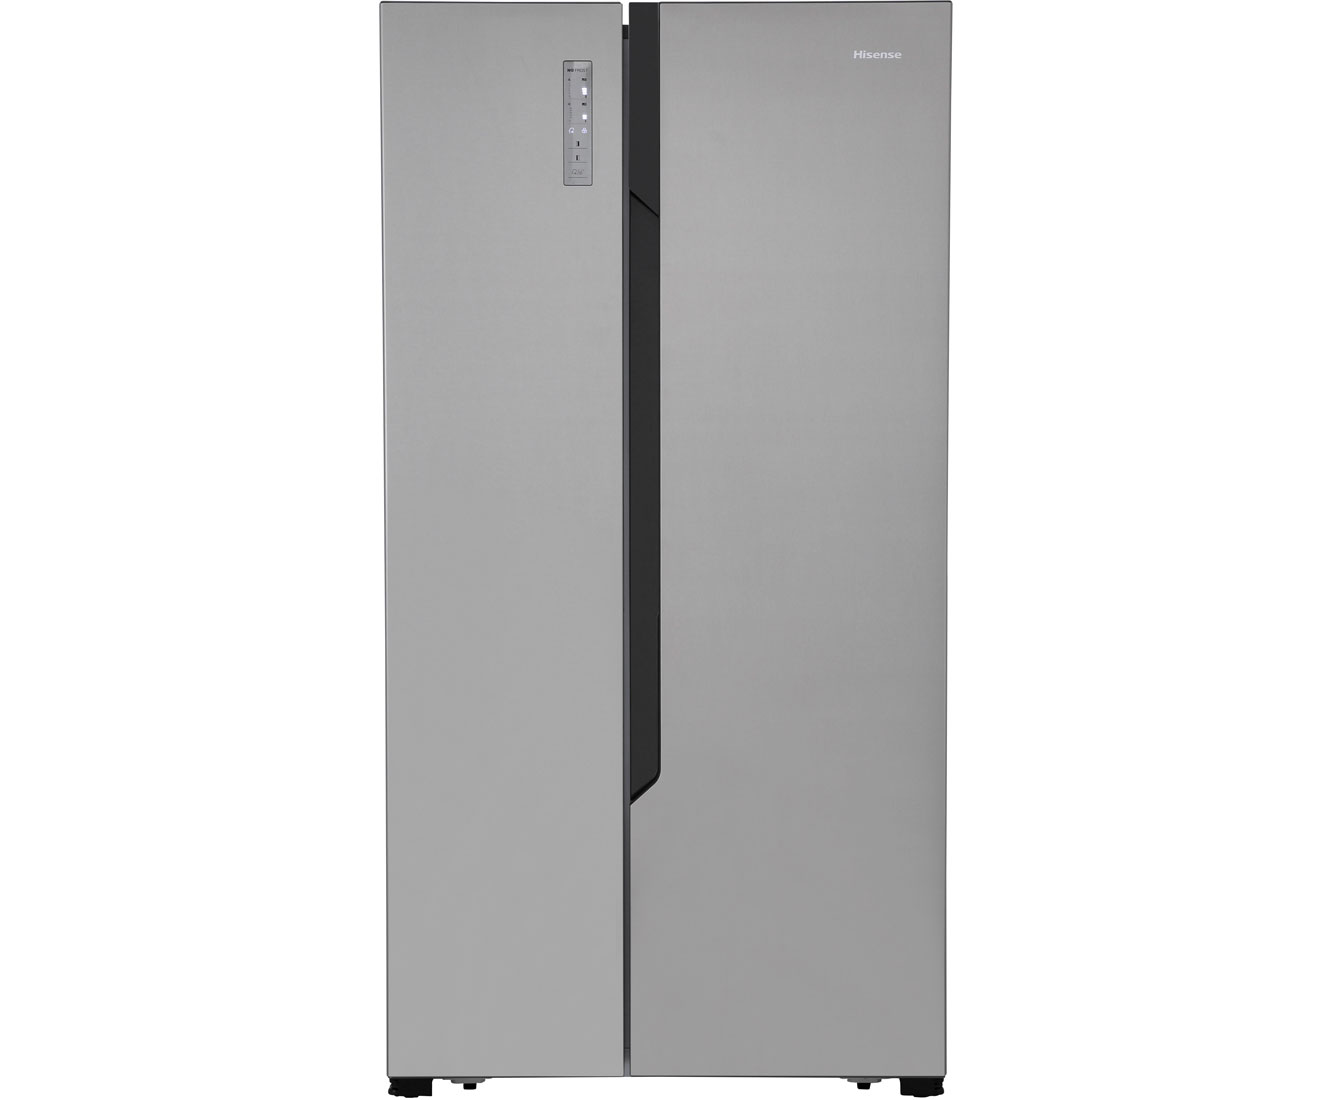 Smeg Kühlschrank Laute Geräusche : Kühlschrank samsung side by side preisvergleich u die besten